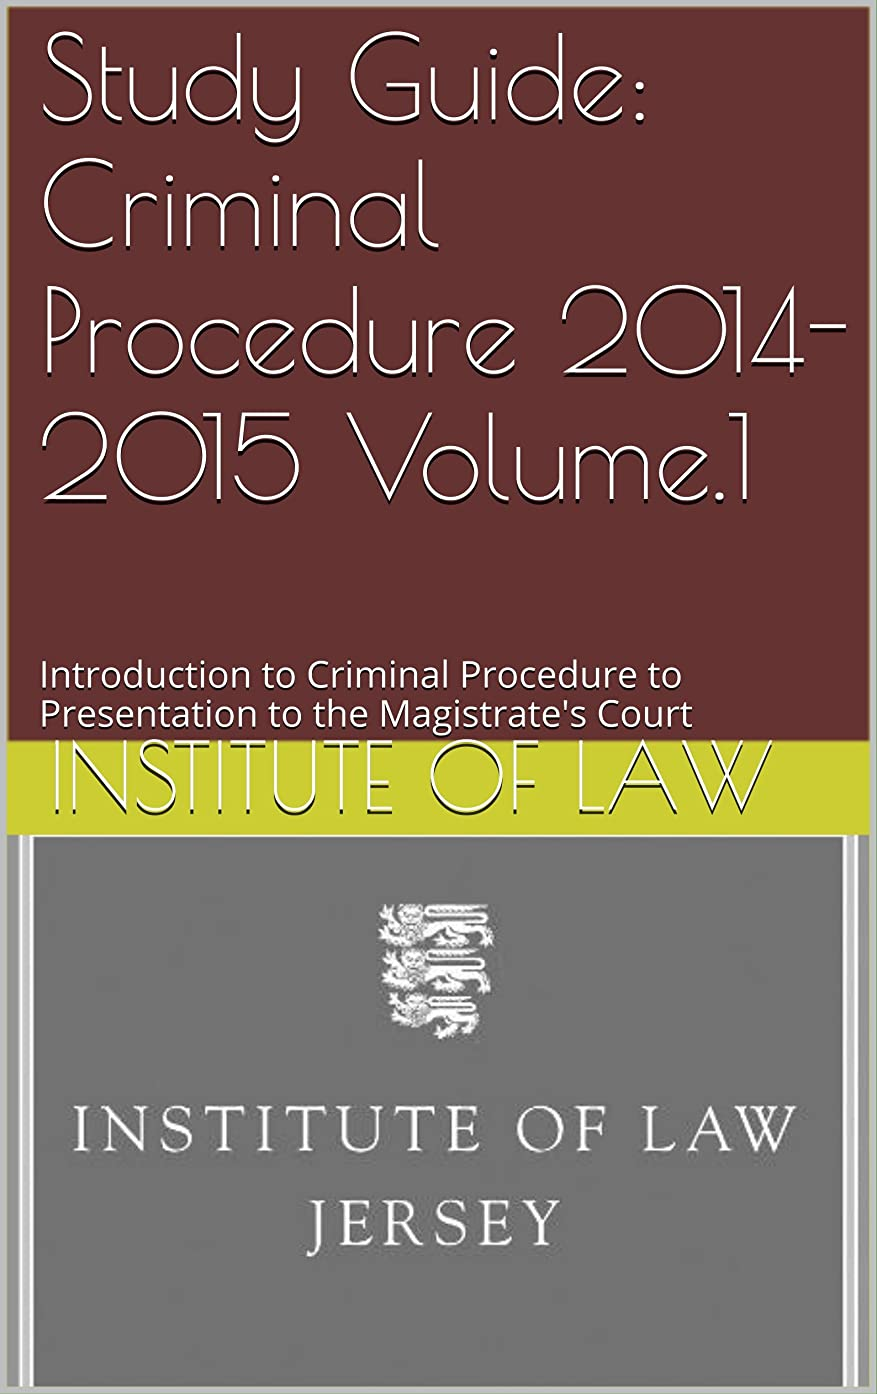 優雅潮広告主Study Guide: Criminal Procedure 2014-2015 Volume.1: Introduction to Criminal Procedure to Presentation to the Magistrate's Court (Institute of Law Study Guides 2014-2015 Book 6) (English Edition)